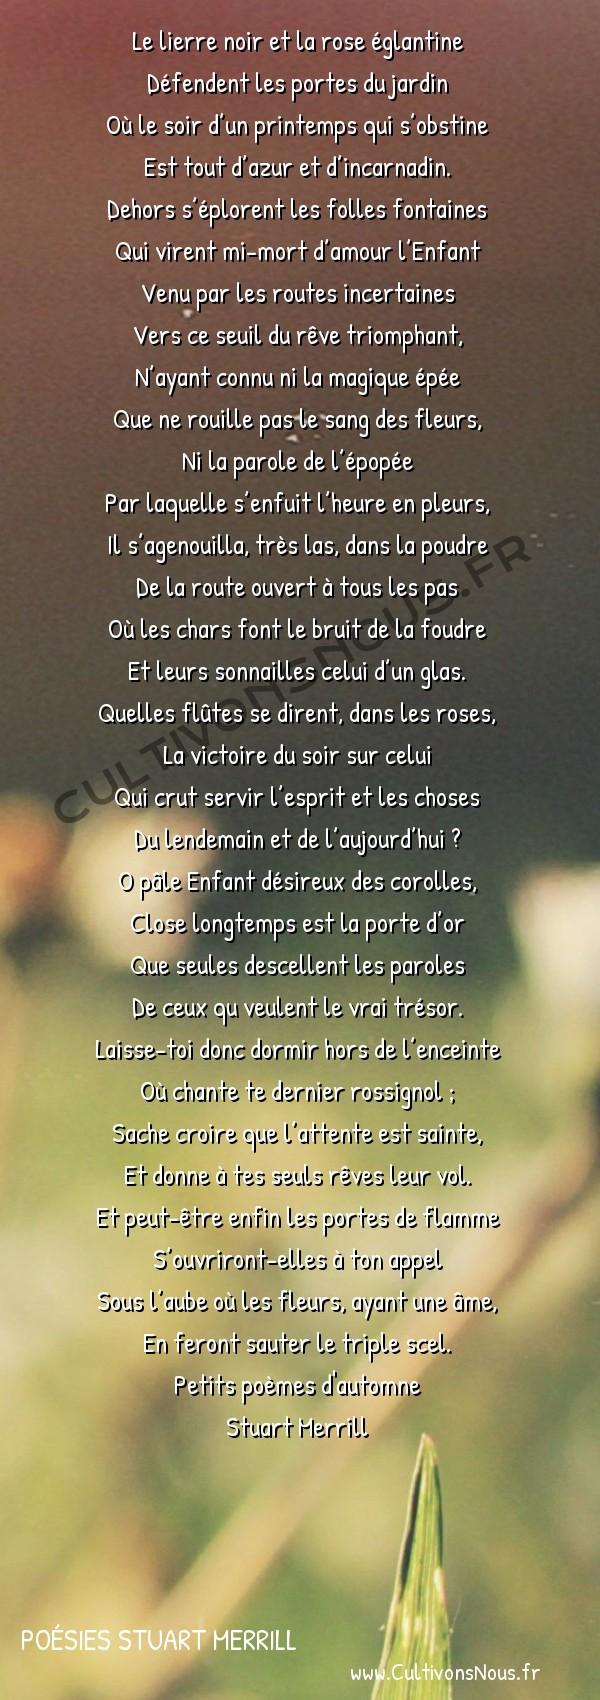 Poésies Stuart Merrill - Petits poèmes d'automne - Le lierre noir et la rose églantine -  Le lierre noir et la rose églantine Défendent les portes du jardin